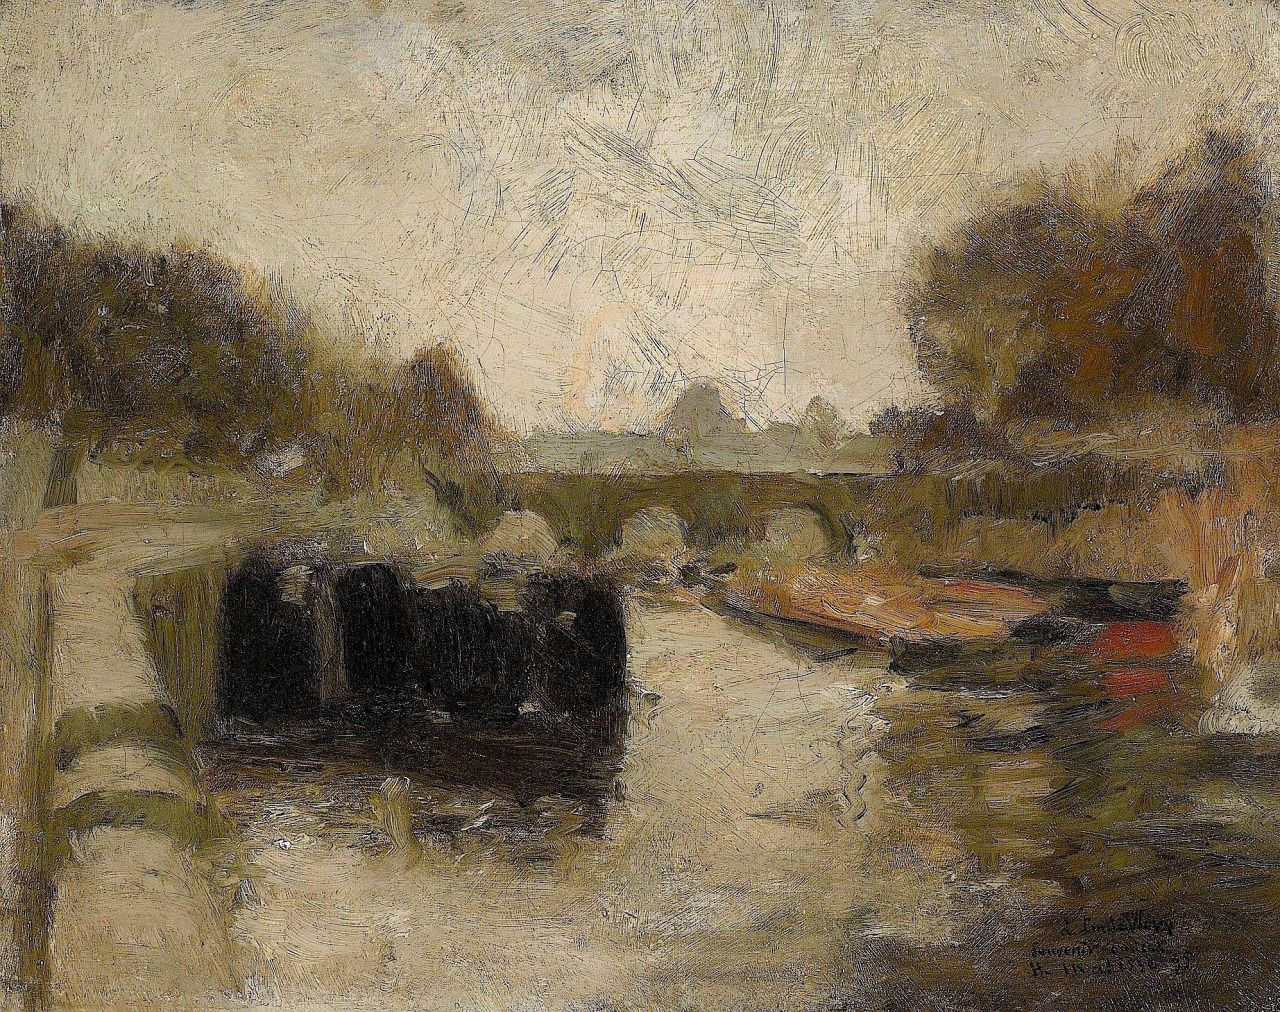 Henri Matisse - The Bridge - 1895